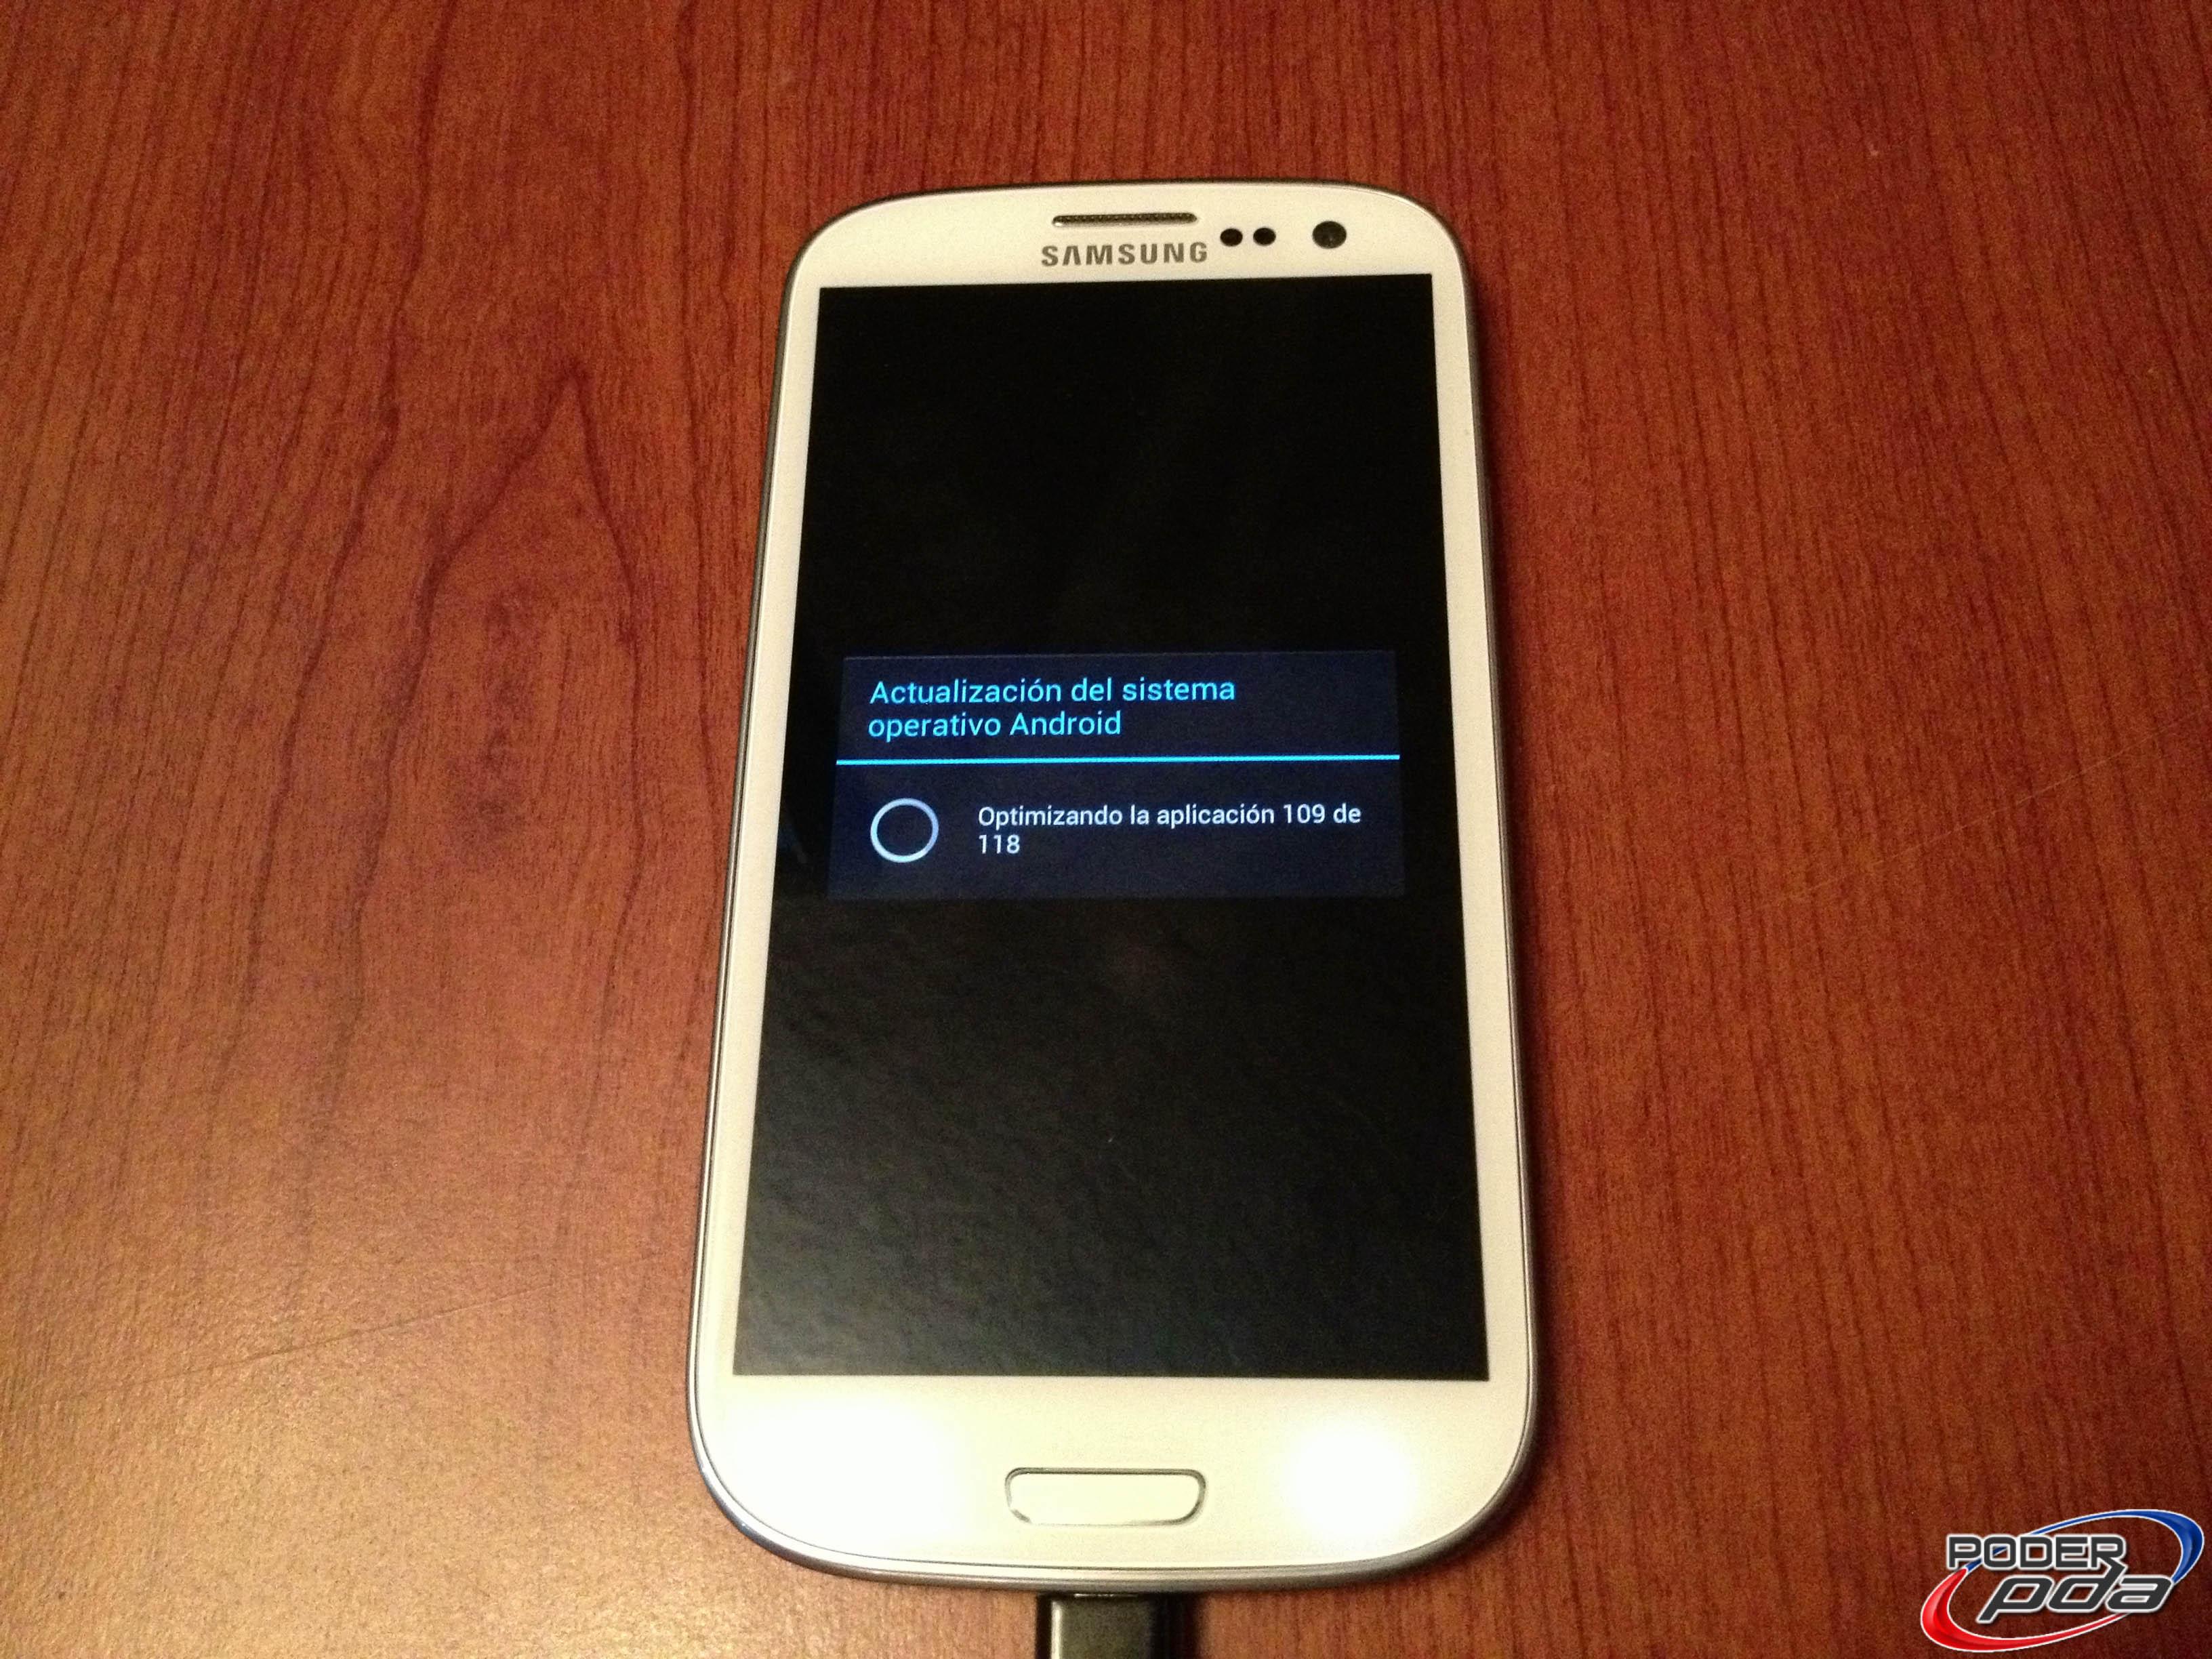 Samsung Galaxy S III Reiniciando Después de Flasheo de ROM XXELLA